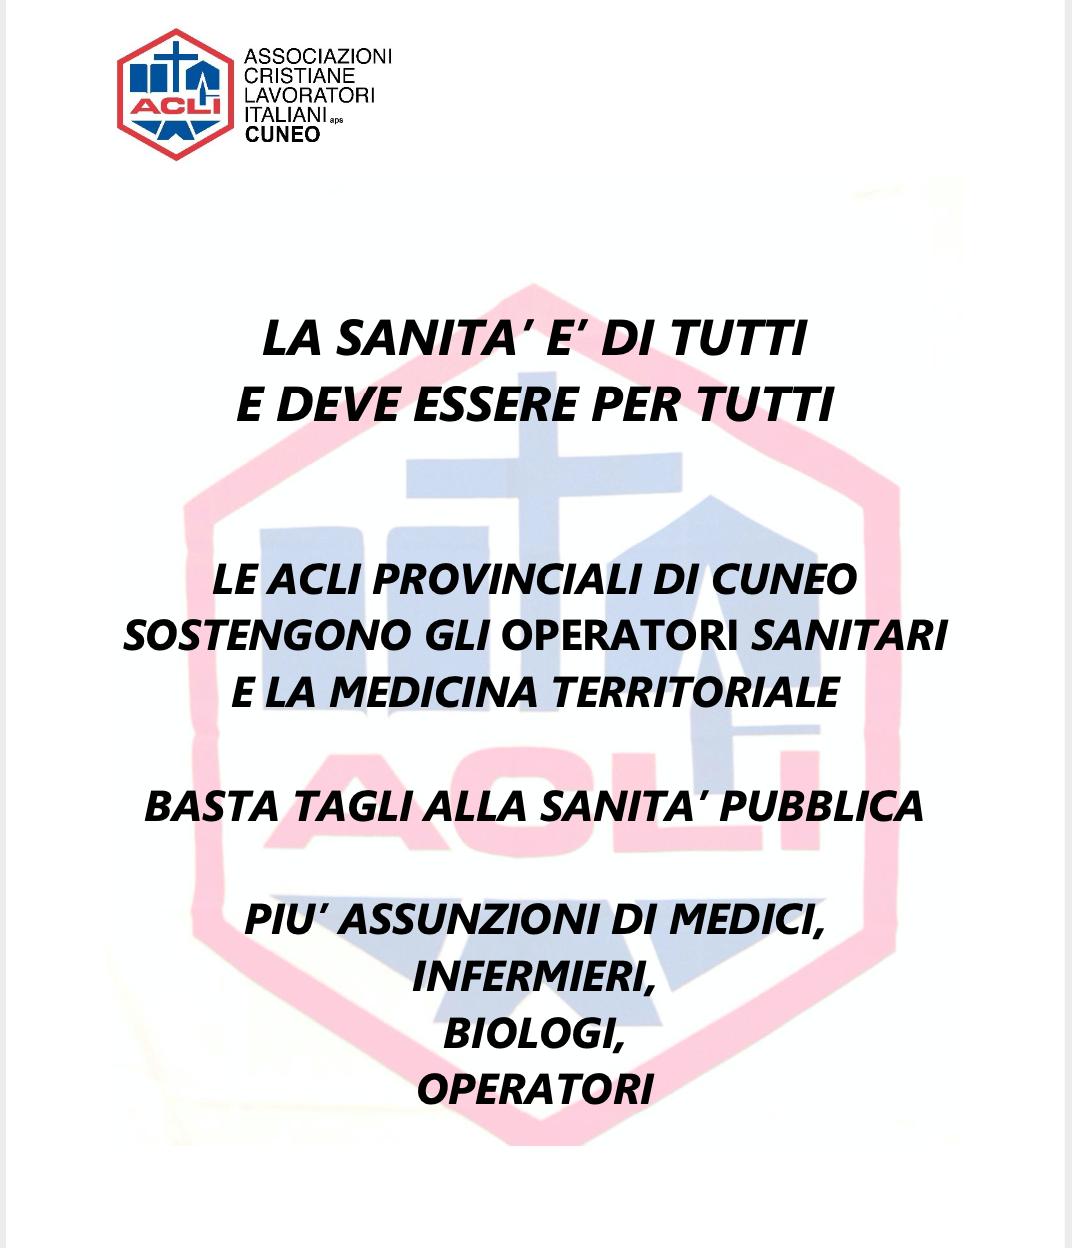 Manifesto Acli per la Sanità pubblica